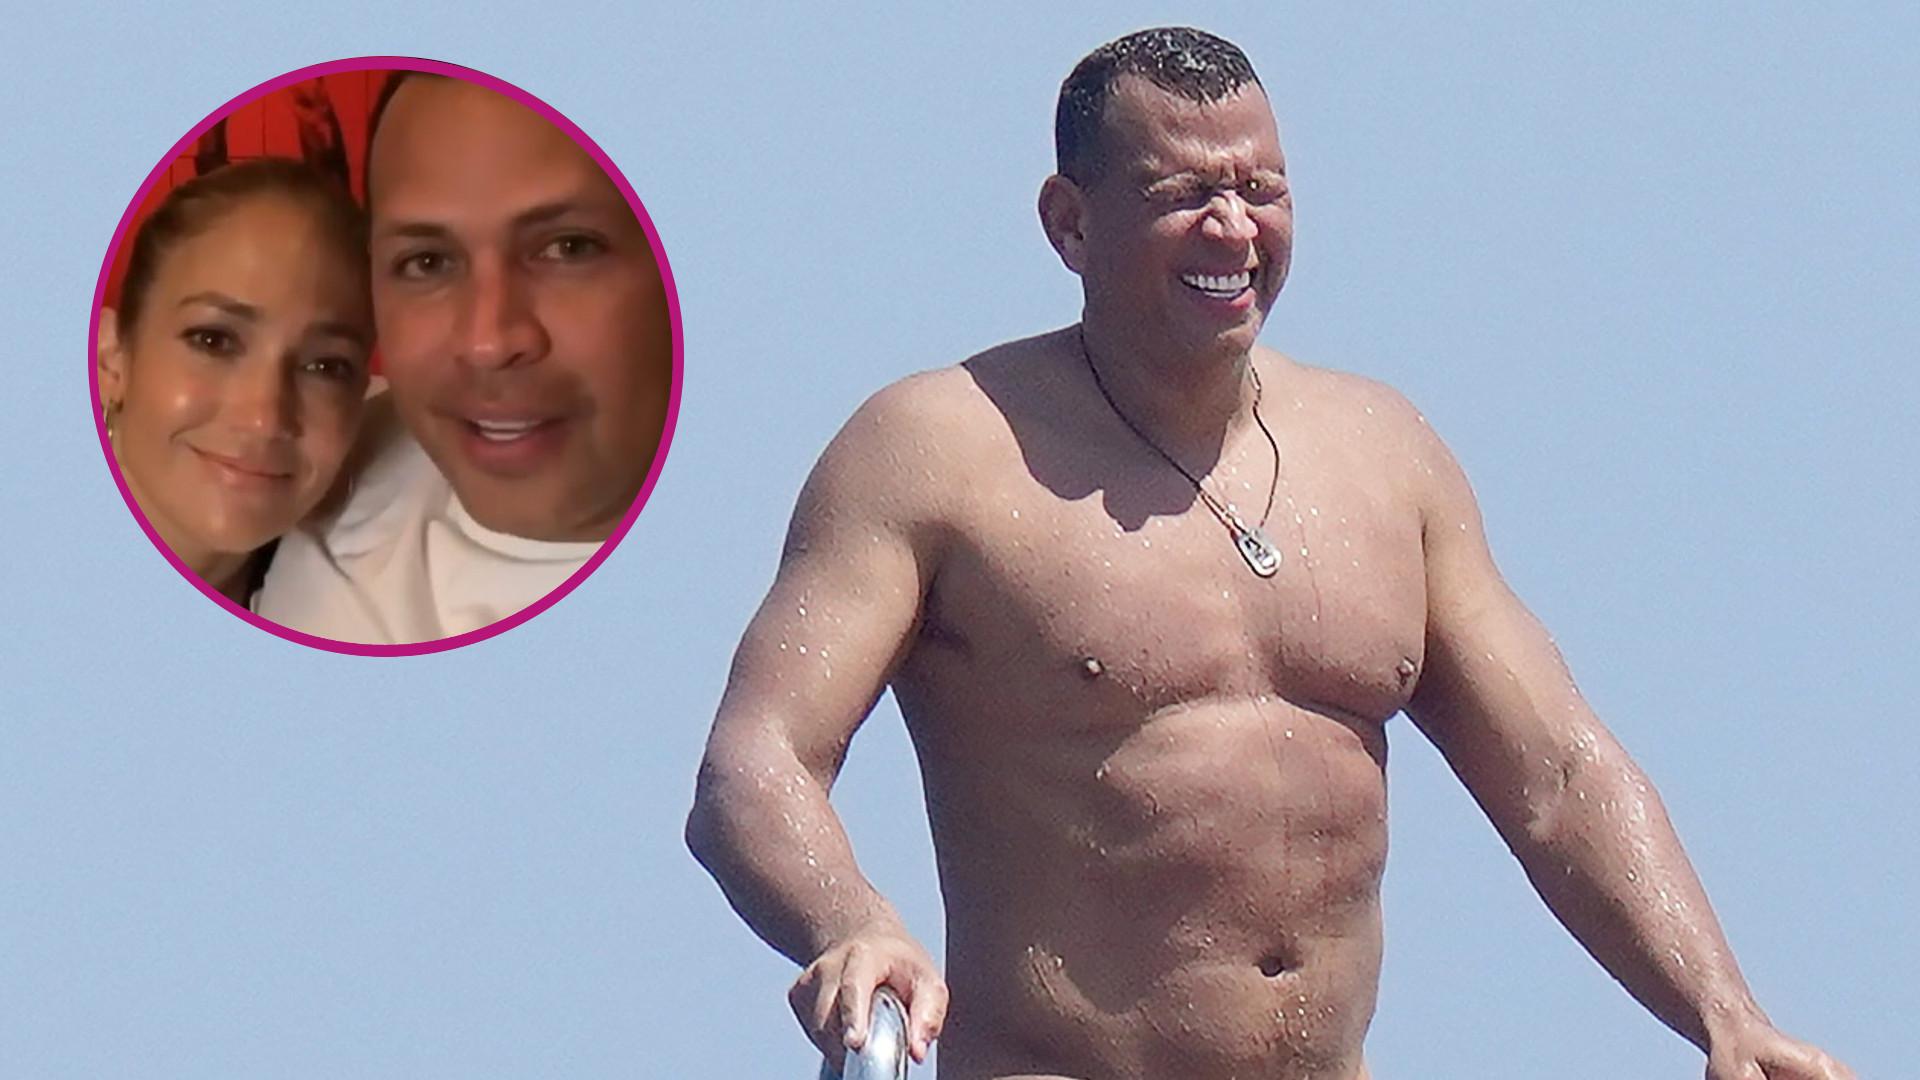 Alex Rodriguez PŁACZE po J.Lo?! Nic z tych rzeczy! Zobaczcie, co wyprawiał na jachcie (ZDJĘCIA)